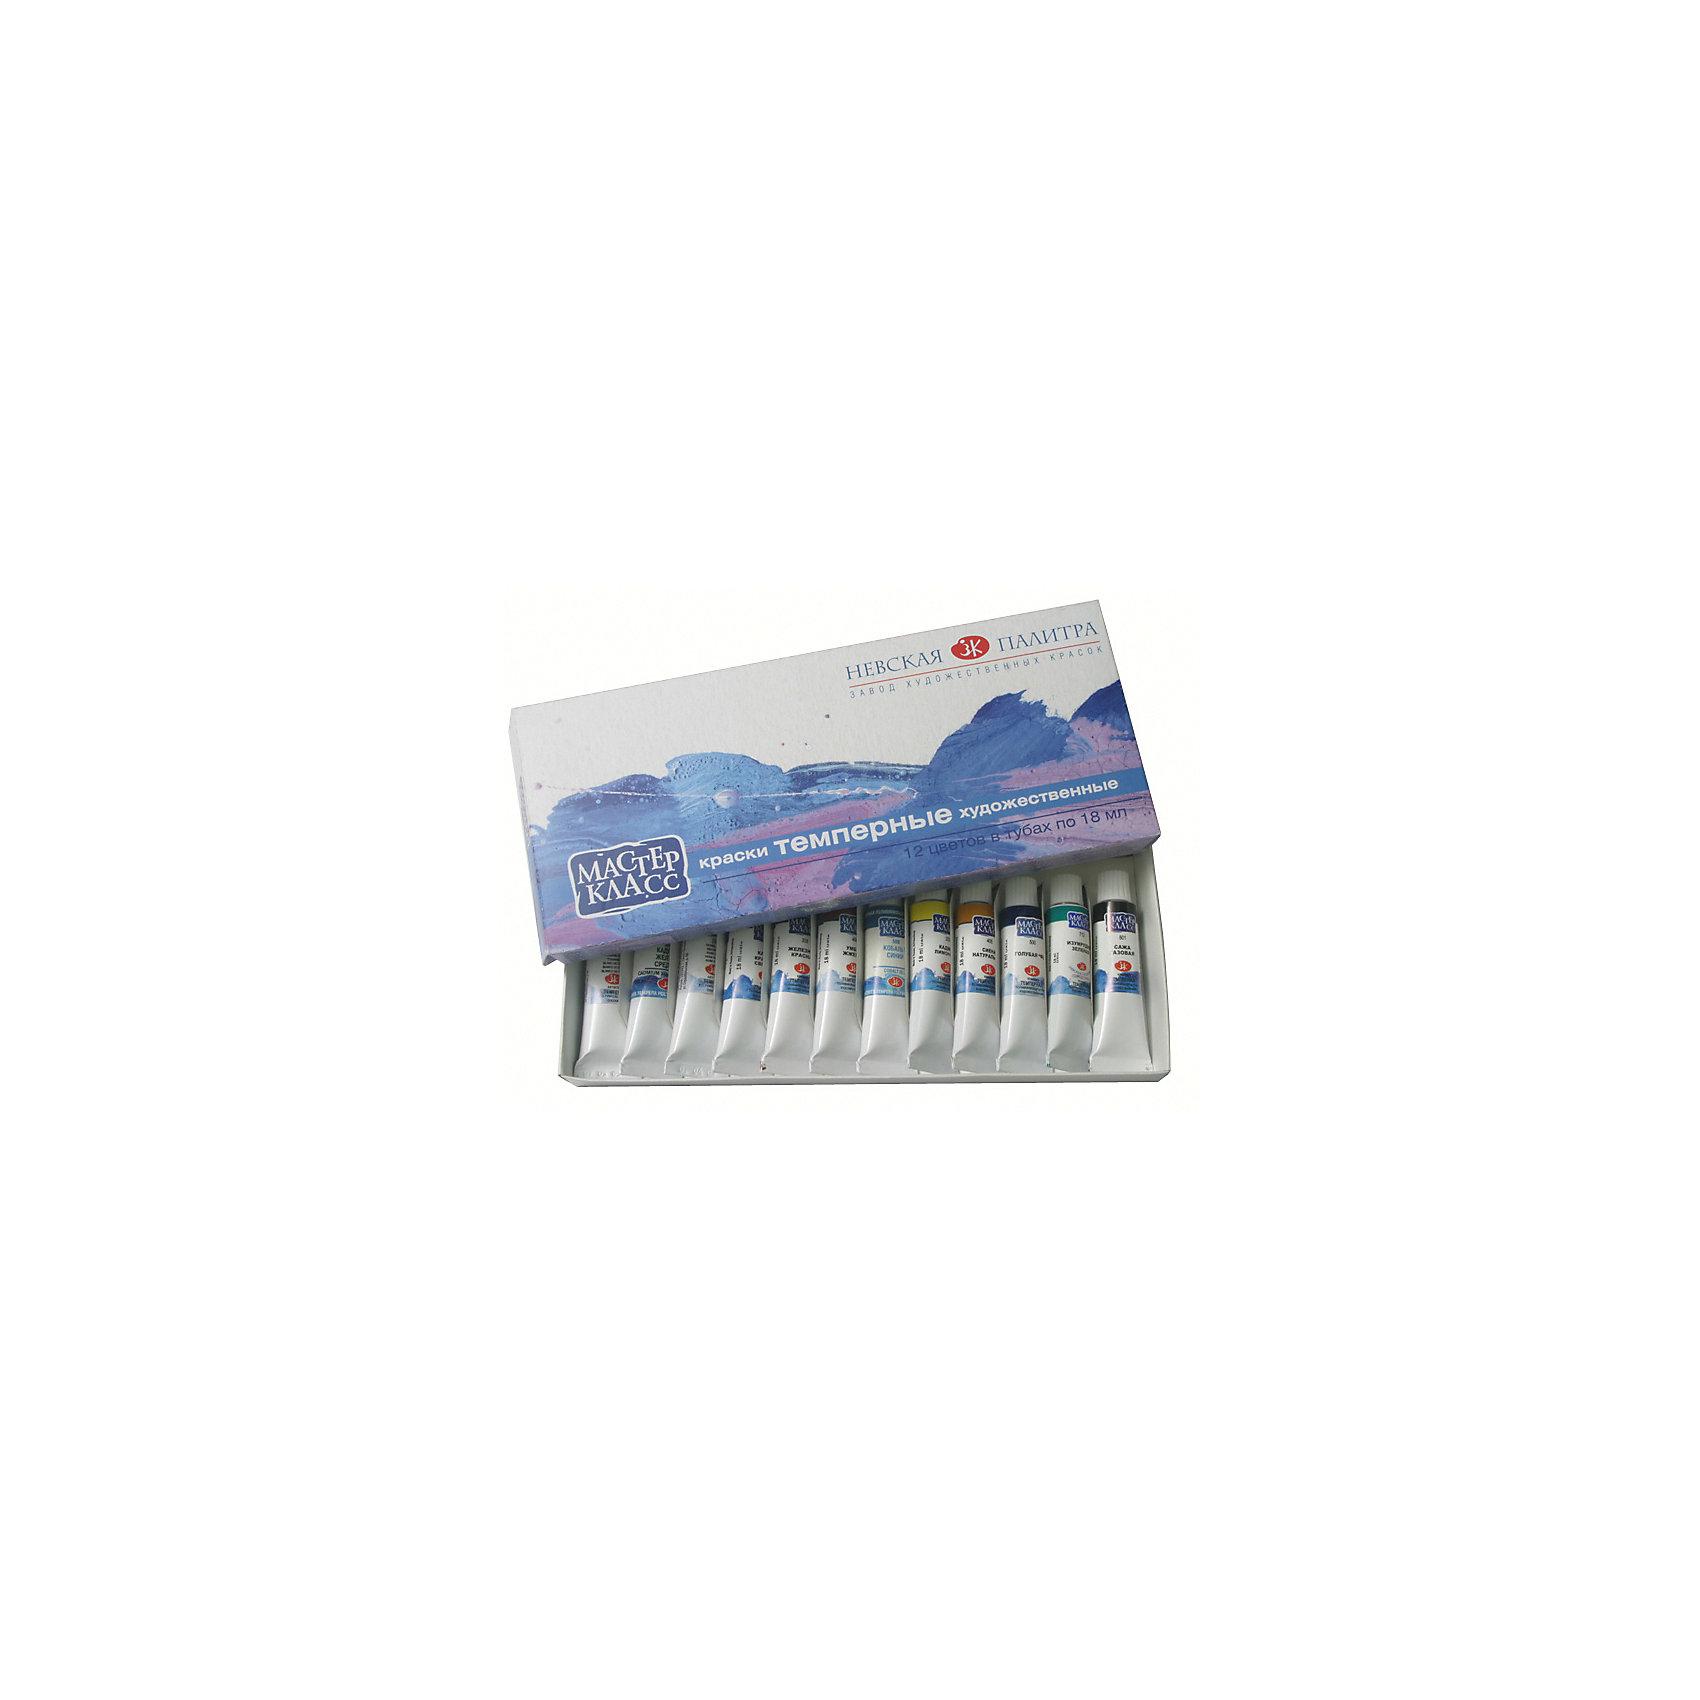 Краски темперные 12 цветов Мастер-Класс, 18мл/тубаХудожественные краски<br>Тип: темпера<br>Количество цветов: 12 <br>Емкость: туба<br>Объем общий: 216<br>Объем емкости: 18<br>Упаковка ед. товара: картонная коробка<br>Наличие европодвеса: нет<br><br>Ширина мм: 255<br>Глубина мм: 110<br>Высота мм: 30<br>Вес г: 405<br>Возраст от месяцев: 84<br>Возраст до месяцев: 2147483647<br>Пол: Унисекс<br>Возраст: Детский<br>SKU: 7044232